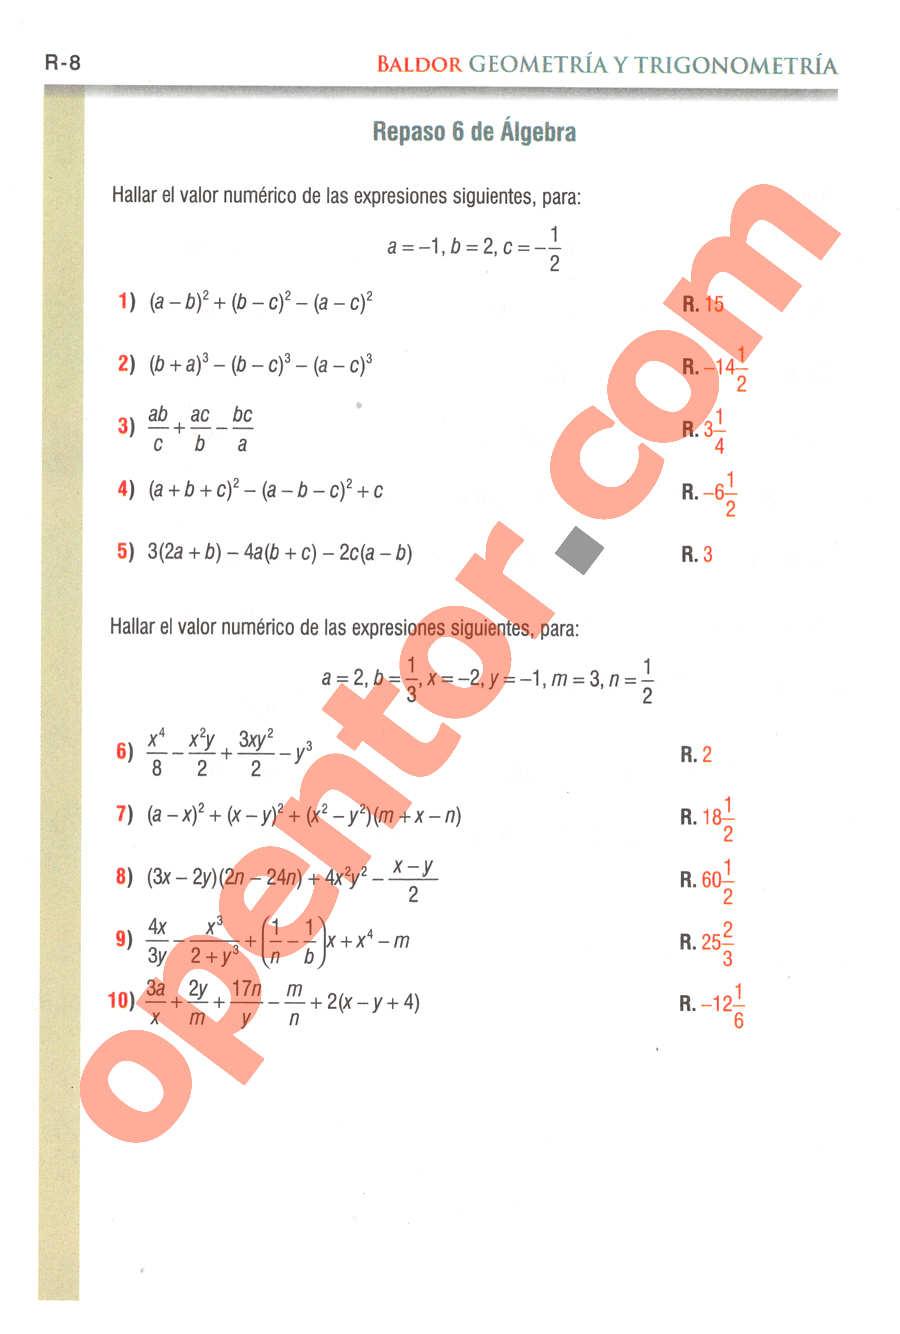 Geometría y Trigonometría de Baldor - Página R8